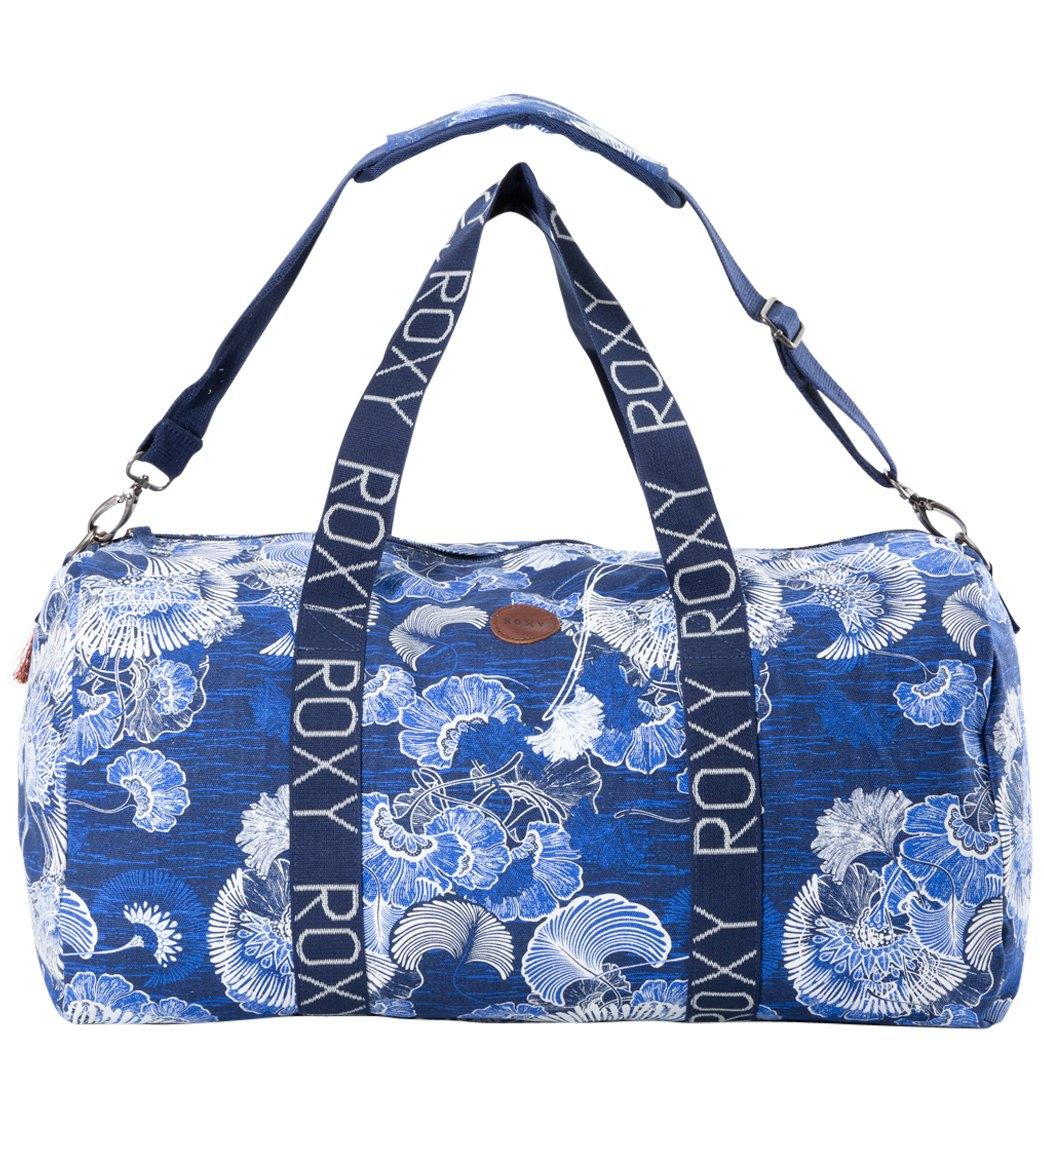 Roxy Alongside You Duffle Bag Share